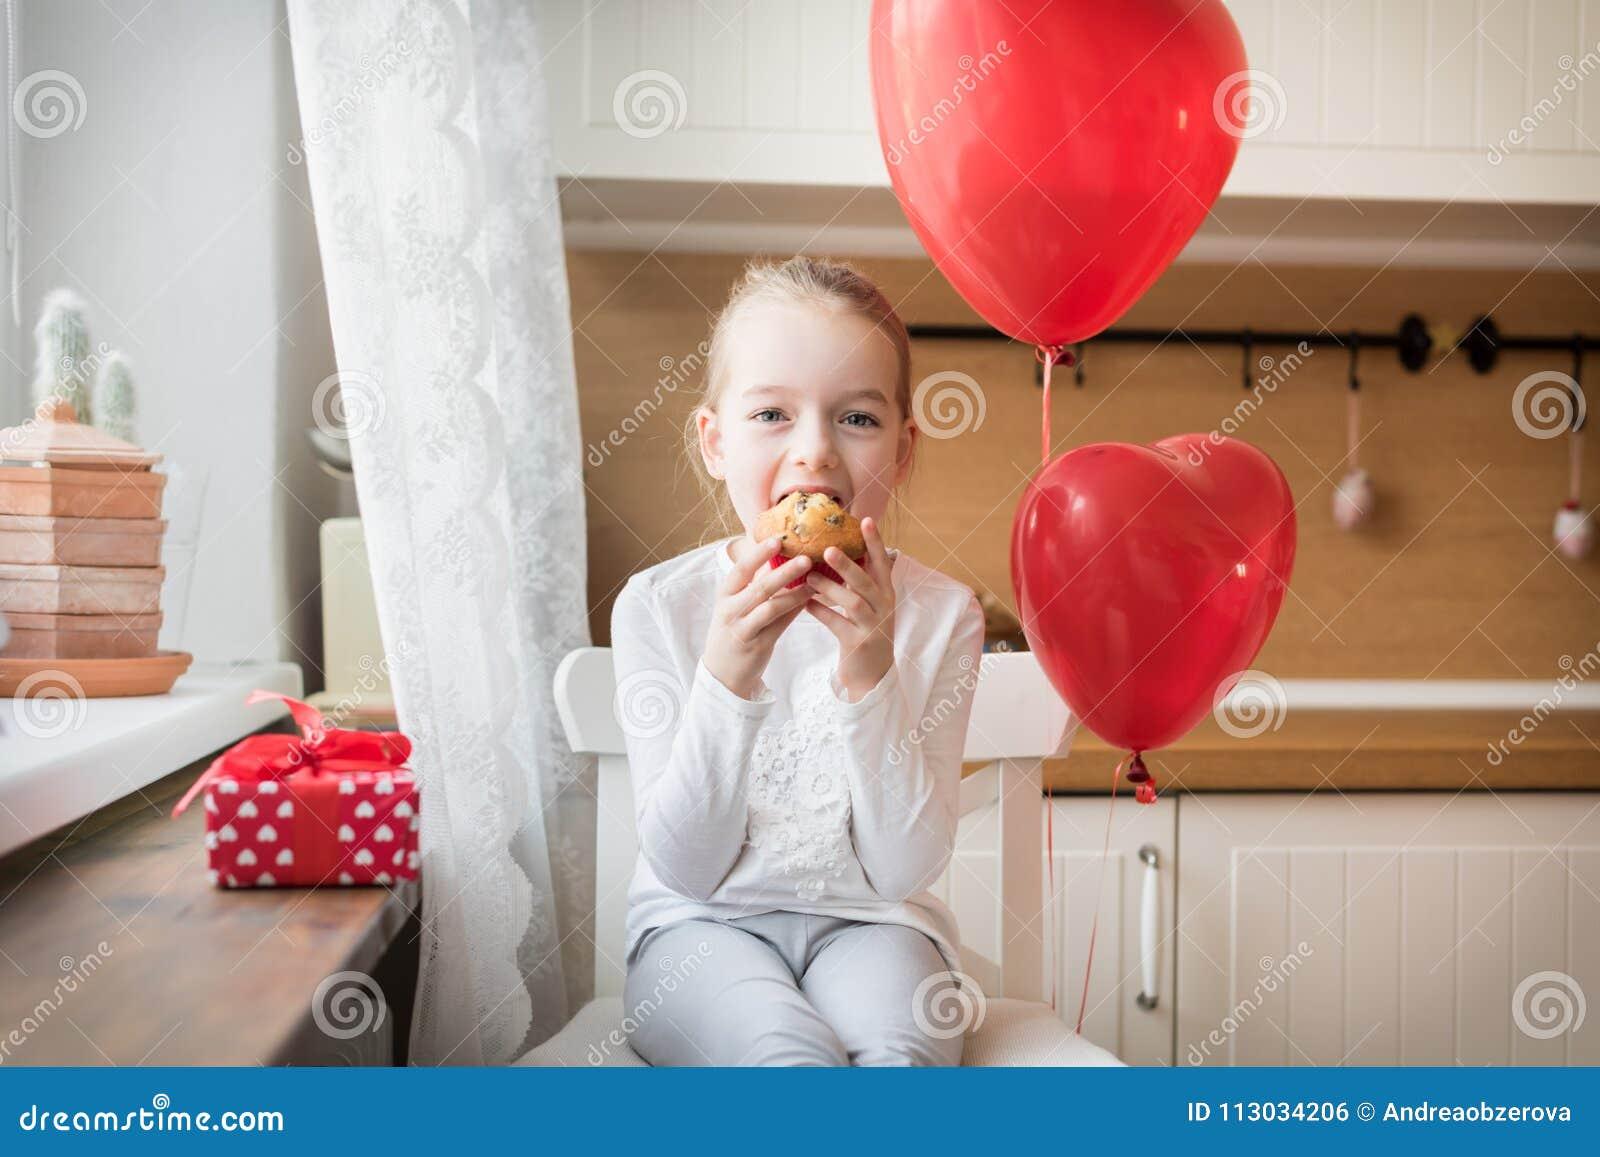 Muchacha que come su magdalena del cumpleaños en la cocina, rodeada por los globos